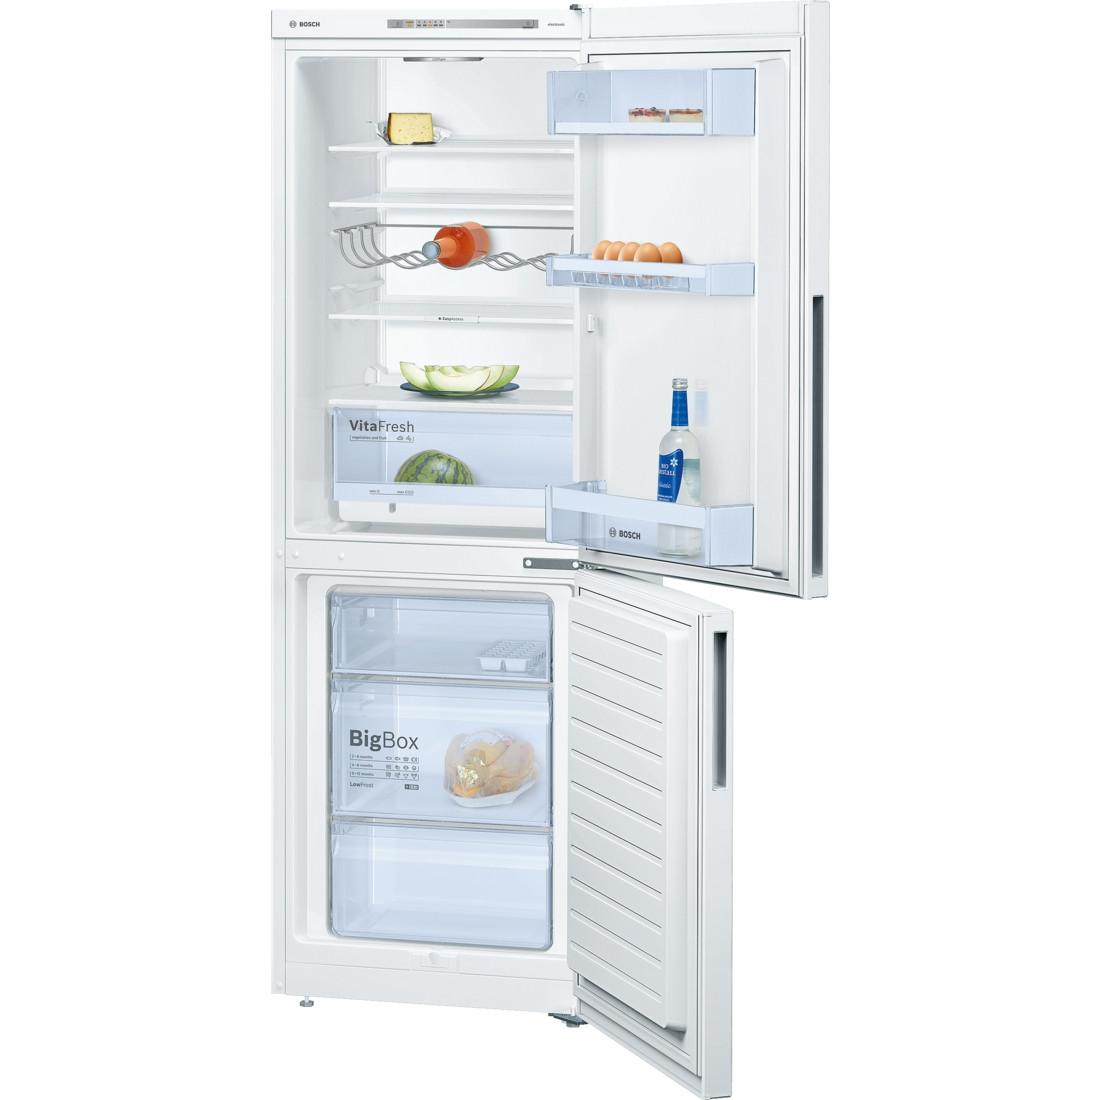 Bosch Serie 4 KGV33XW30G Freestanding White Fridge Freezer